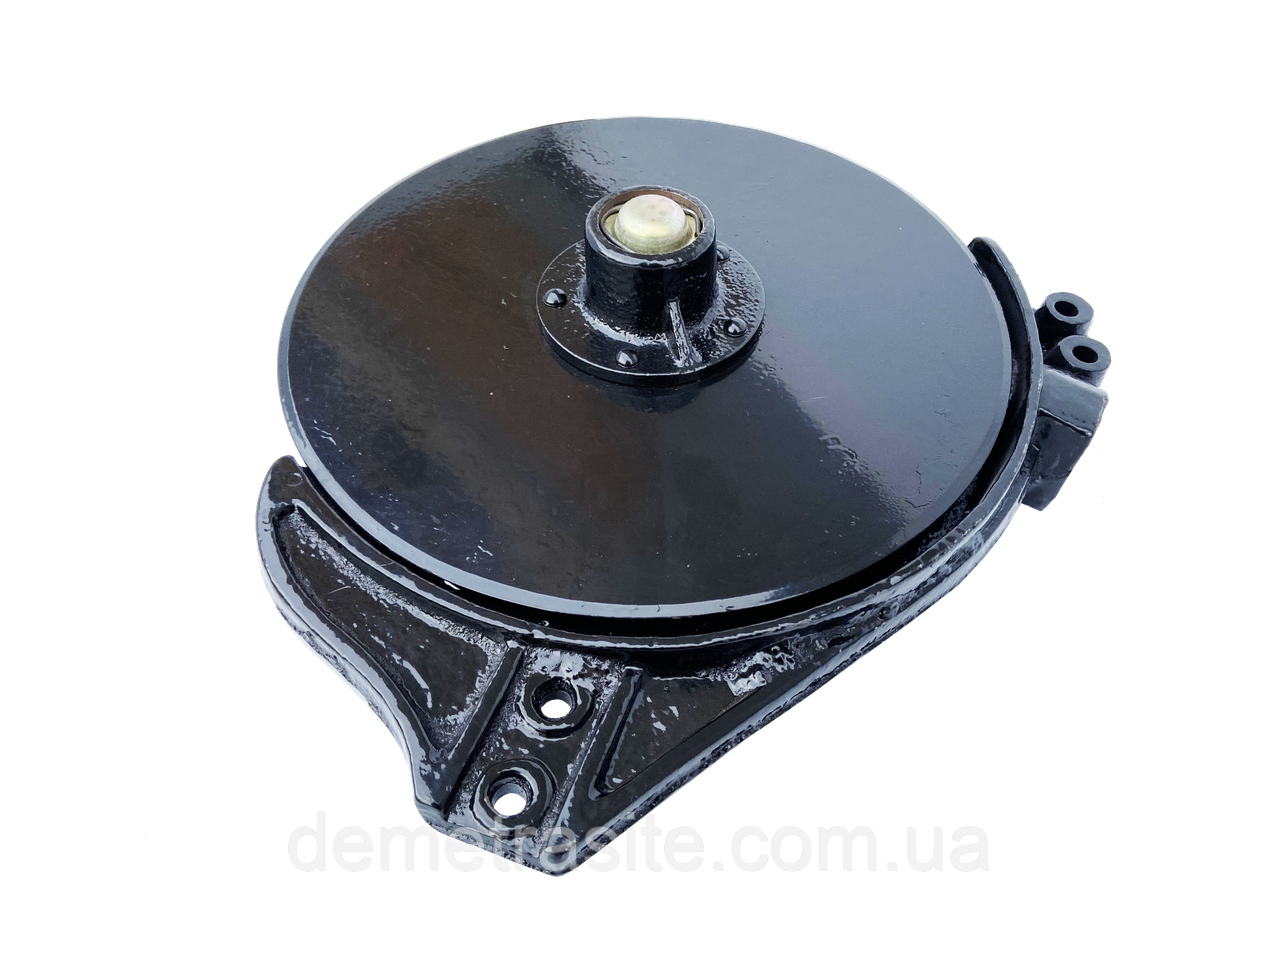 Сошник зі зміщенням до сівалці СЗ 5,4(3,6) сталь борированная